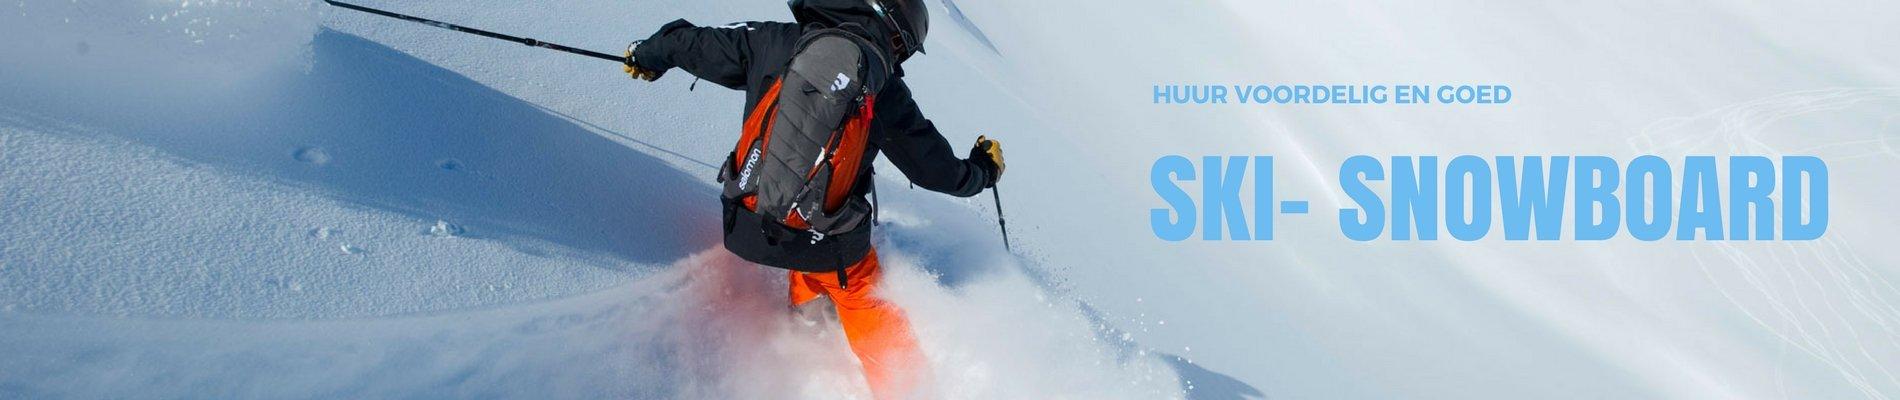 skiset skimateriaal 1900x400